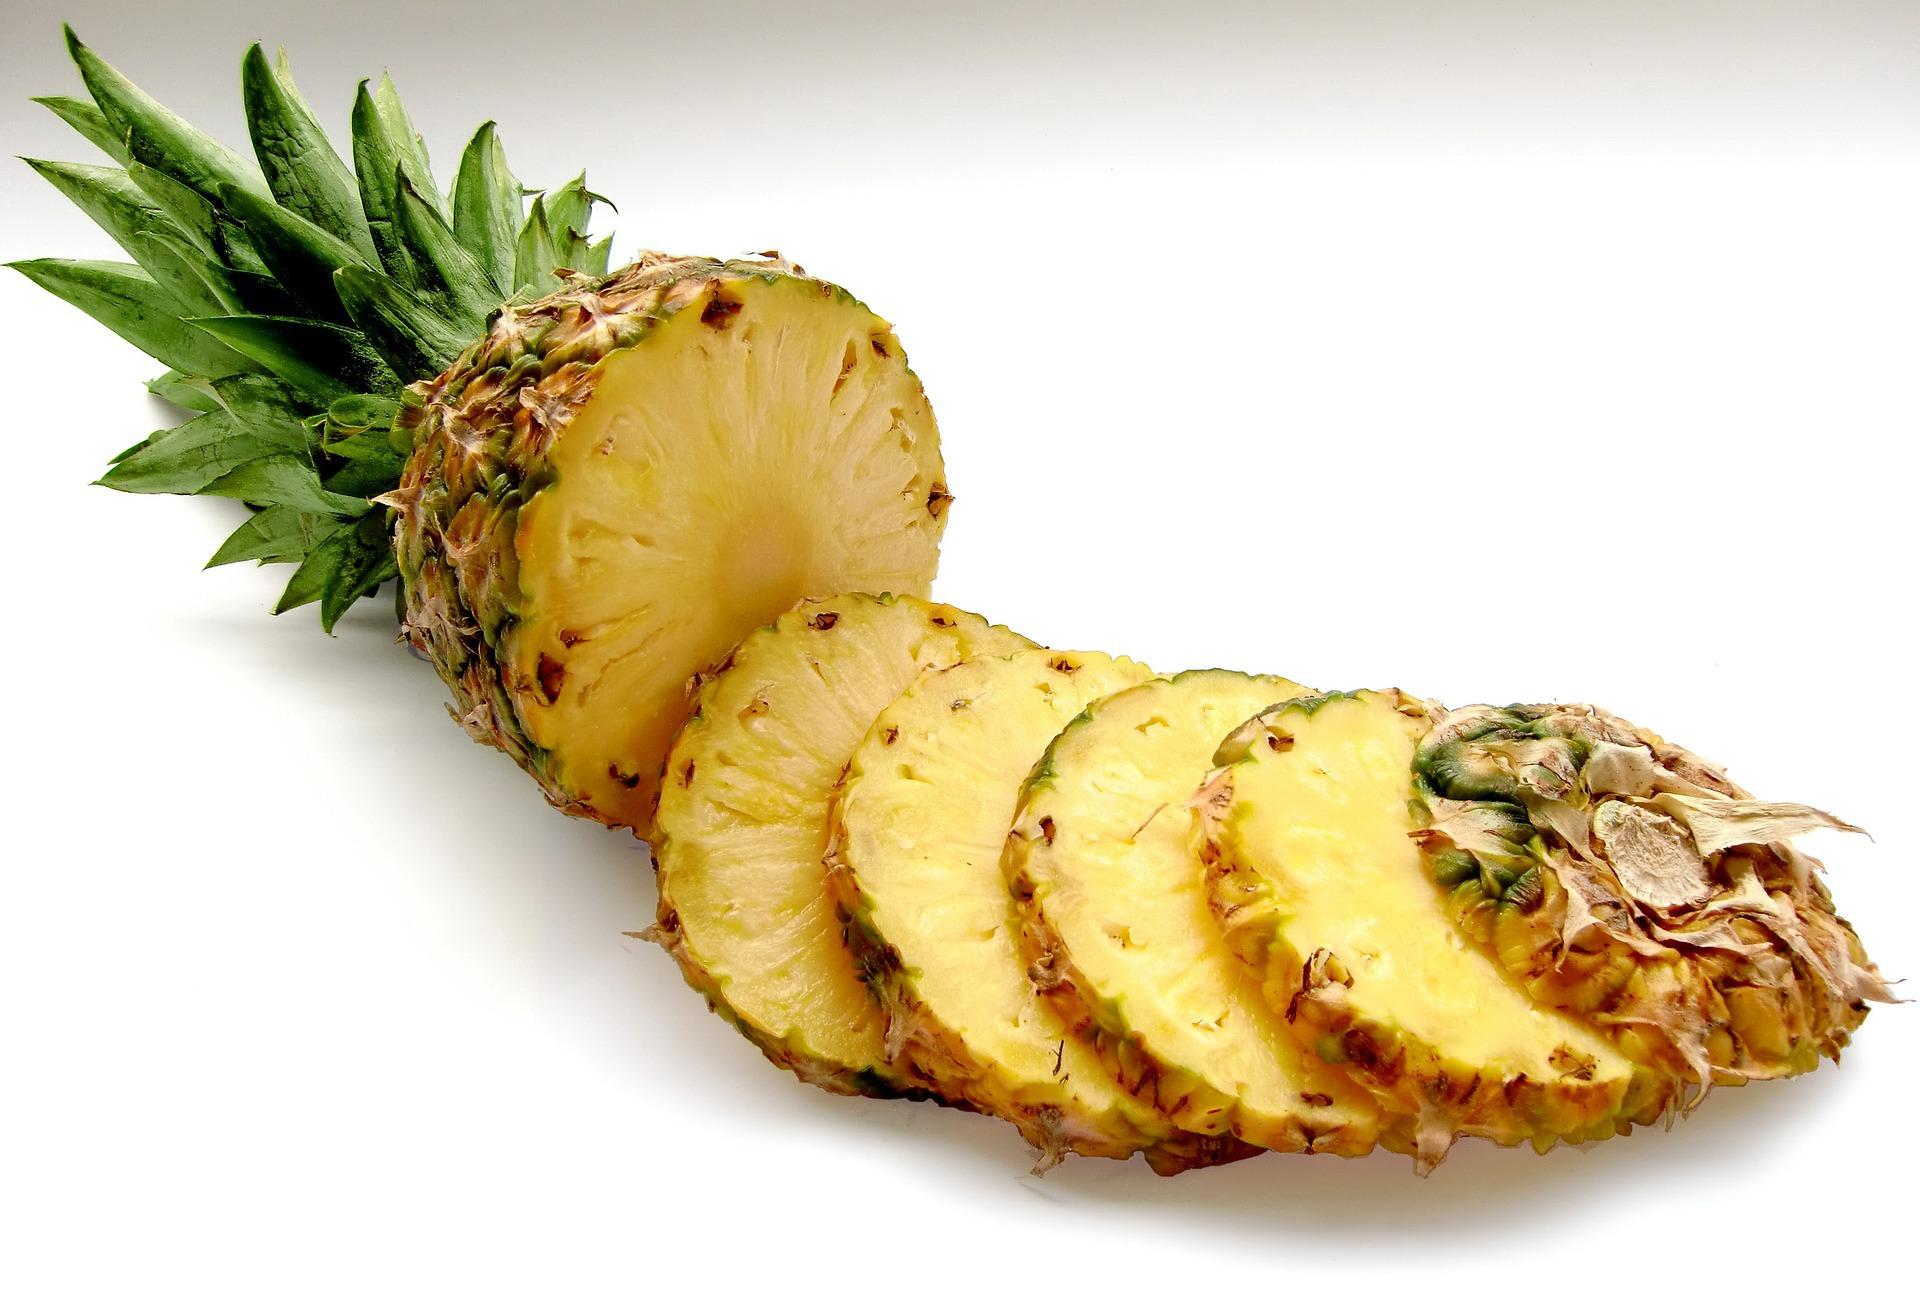 Îţi place ananasul proaspăt, dar nu îl poţi mânca din cauza acidităţii sale? Iată câteva soluţii eficiente!